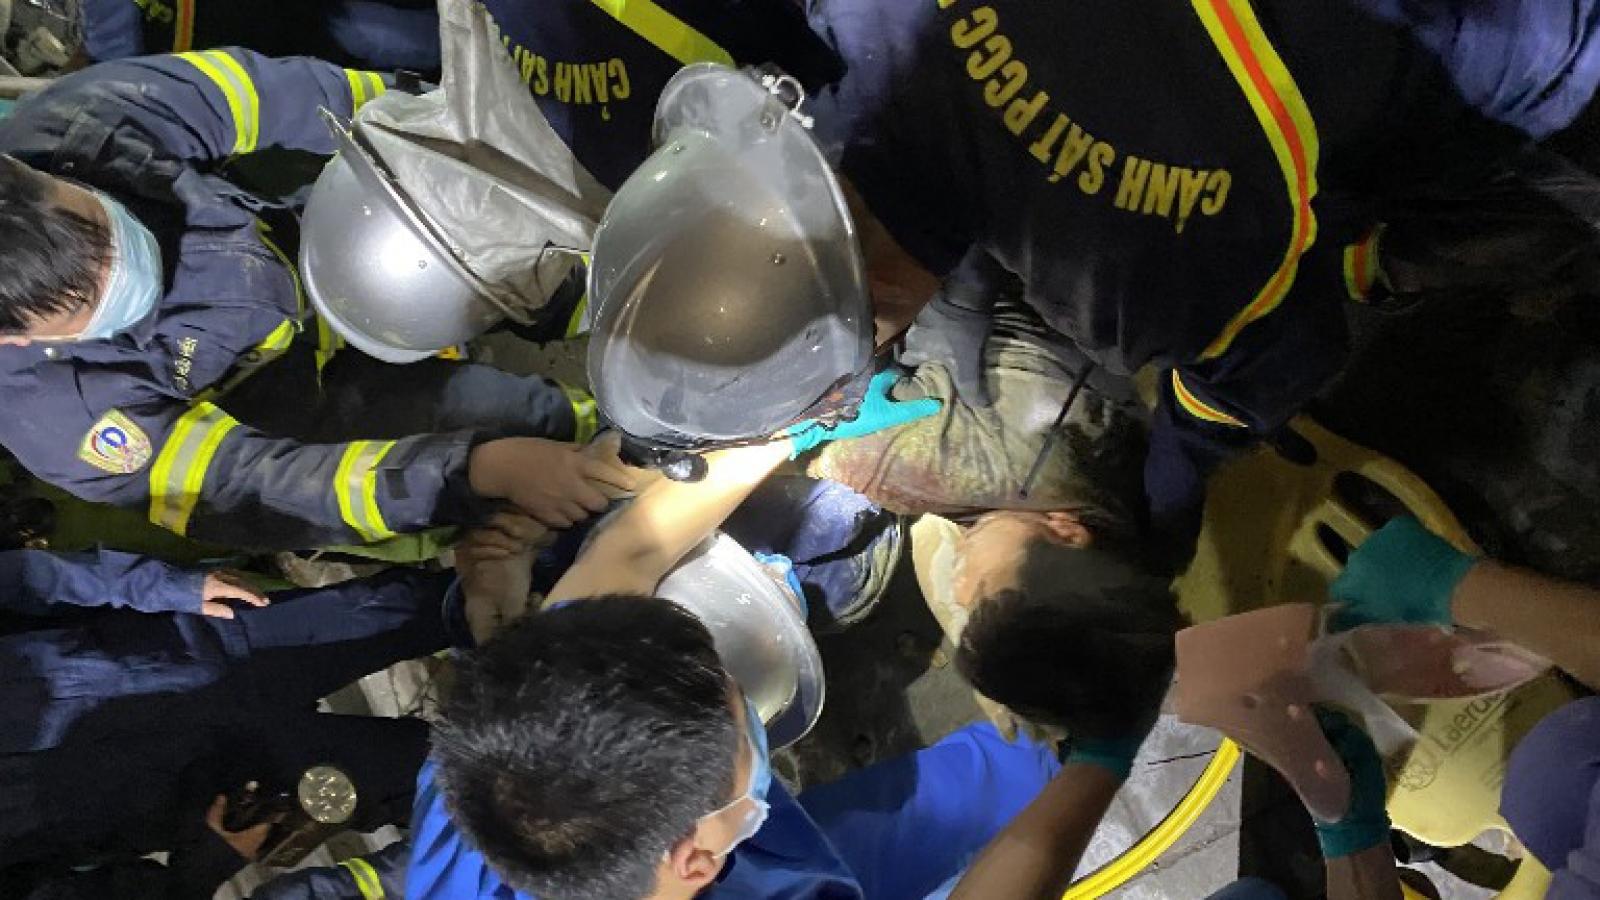 Sập giàn giáo ở Hà Nội trong đêm, người đàn ông bị mắc kẹt